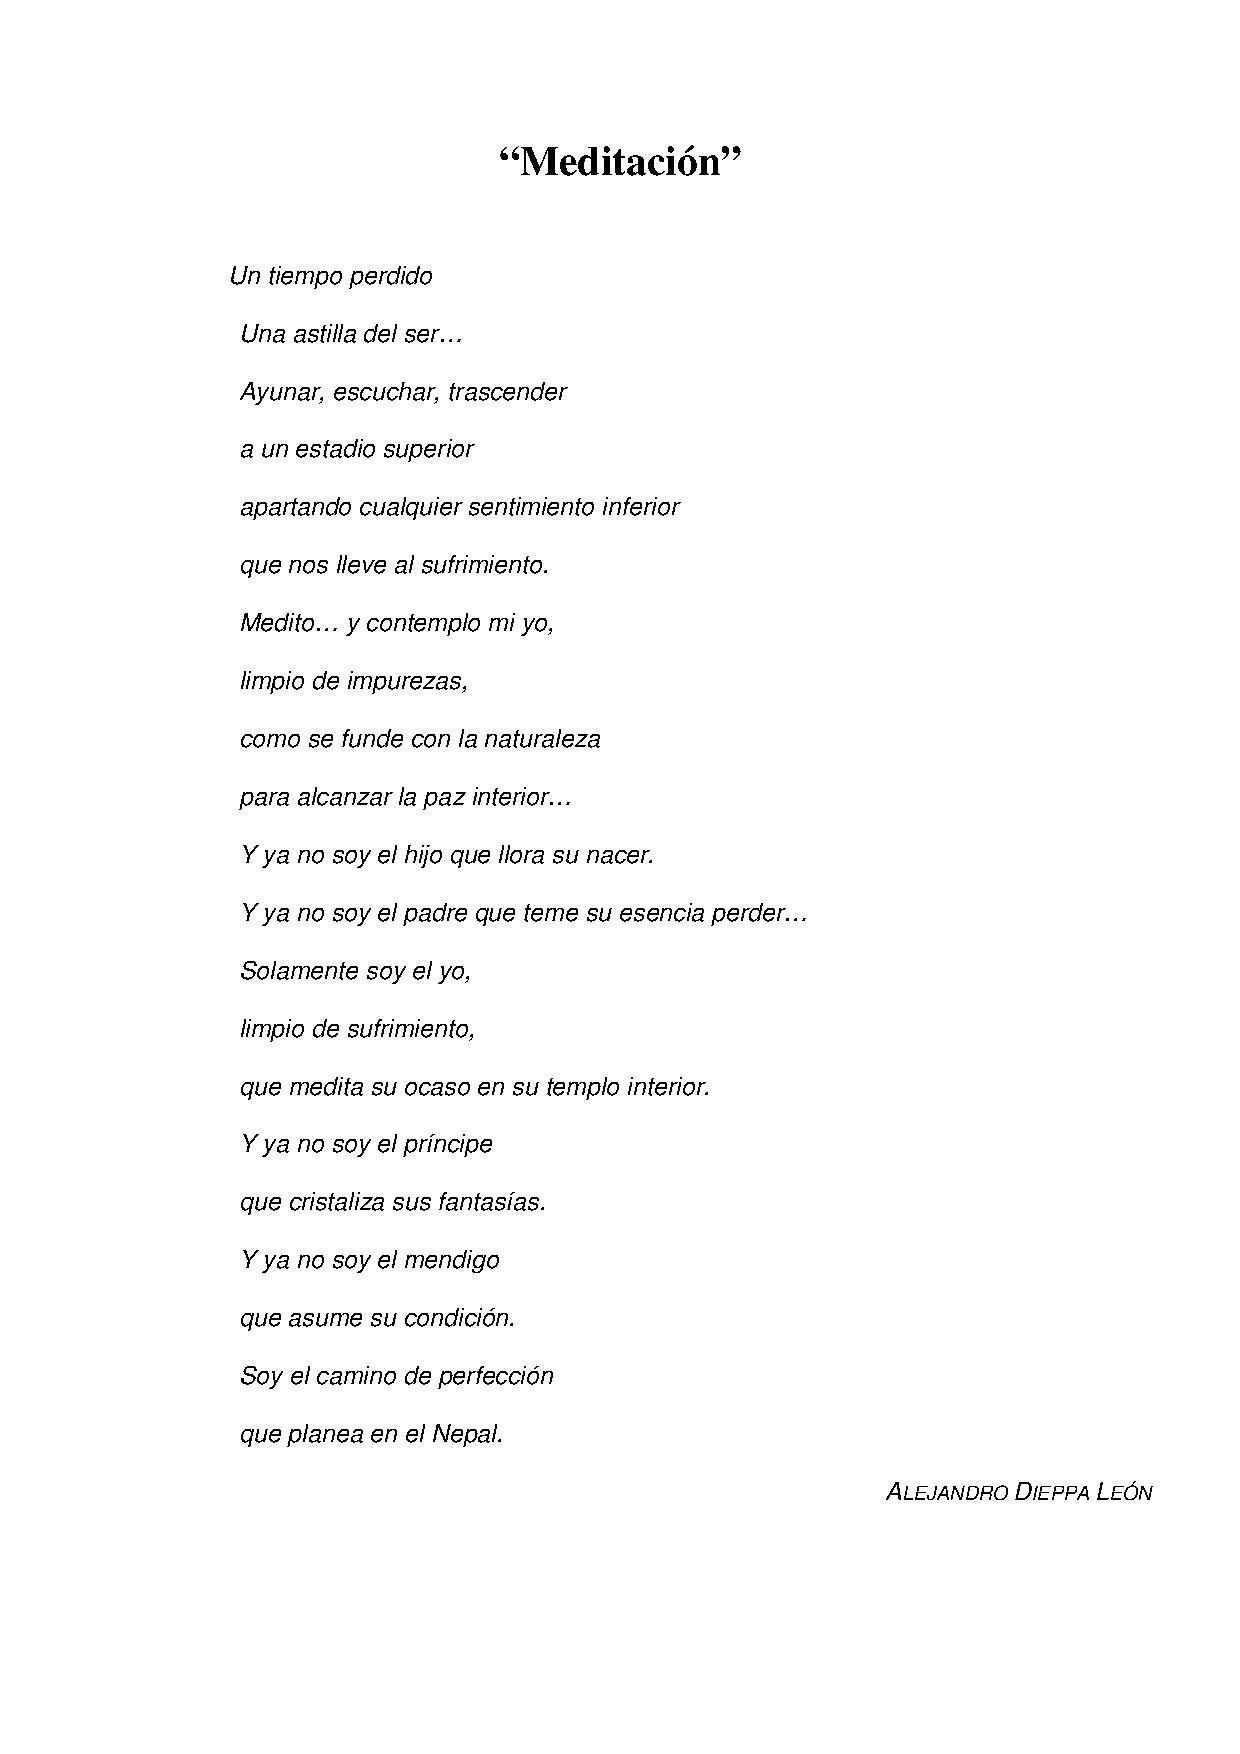 Textos_Poesias__selección_2.jpg